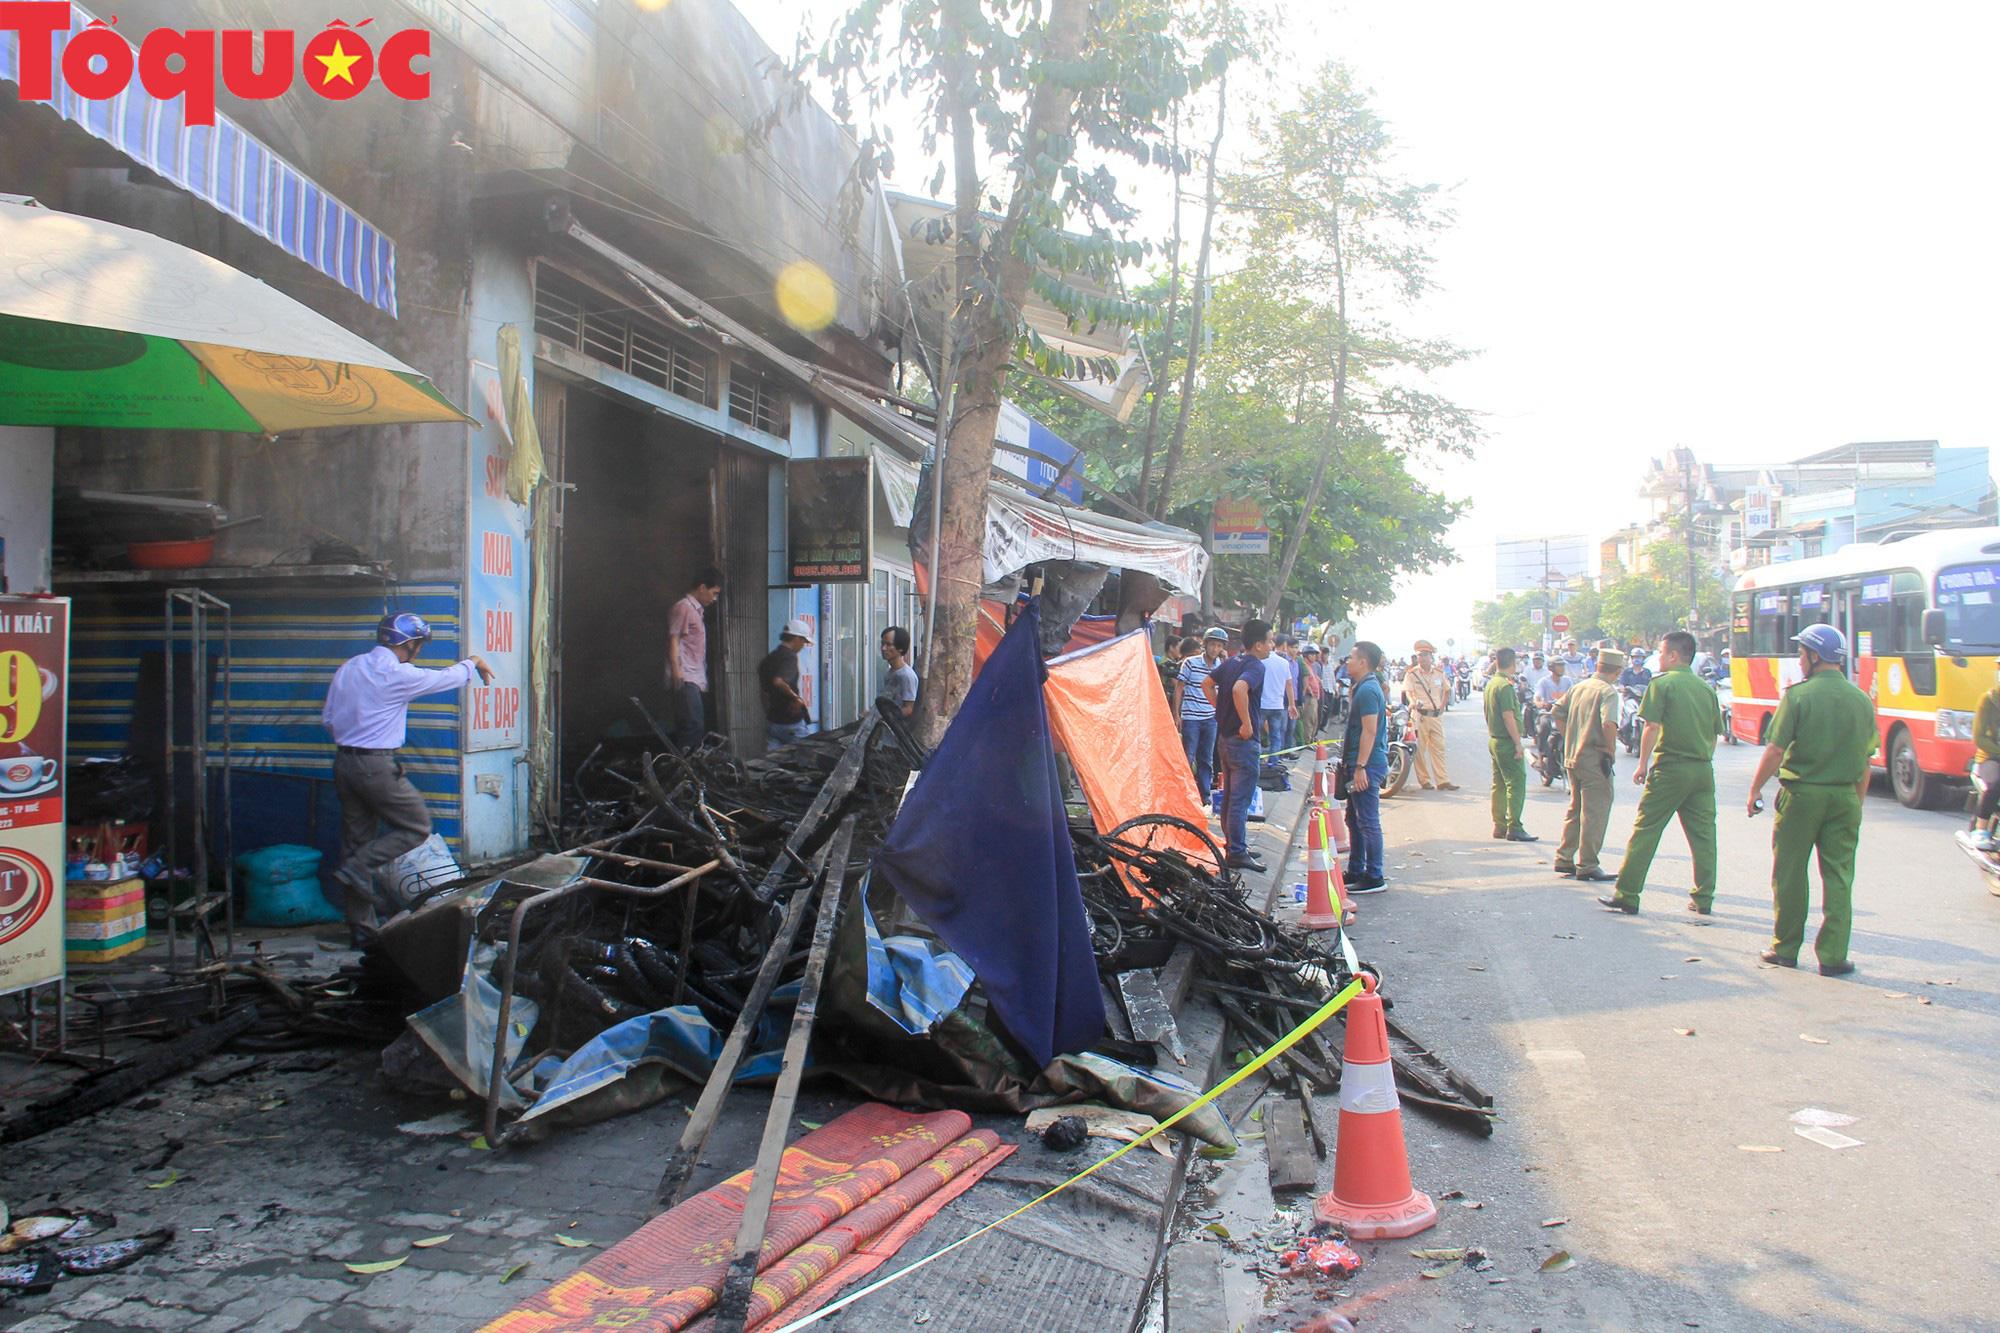 Vụ 3 người tử vong trong đám cháy: Nhà không có lối thoát hiểm, hàng xóm phát hiện nhưng không thể giải cứu - Ảnh 1.